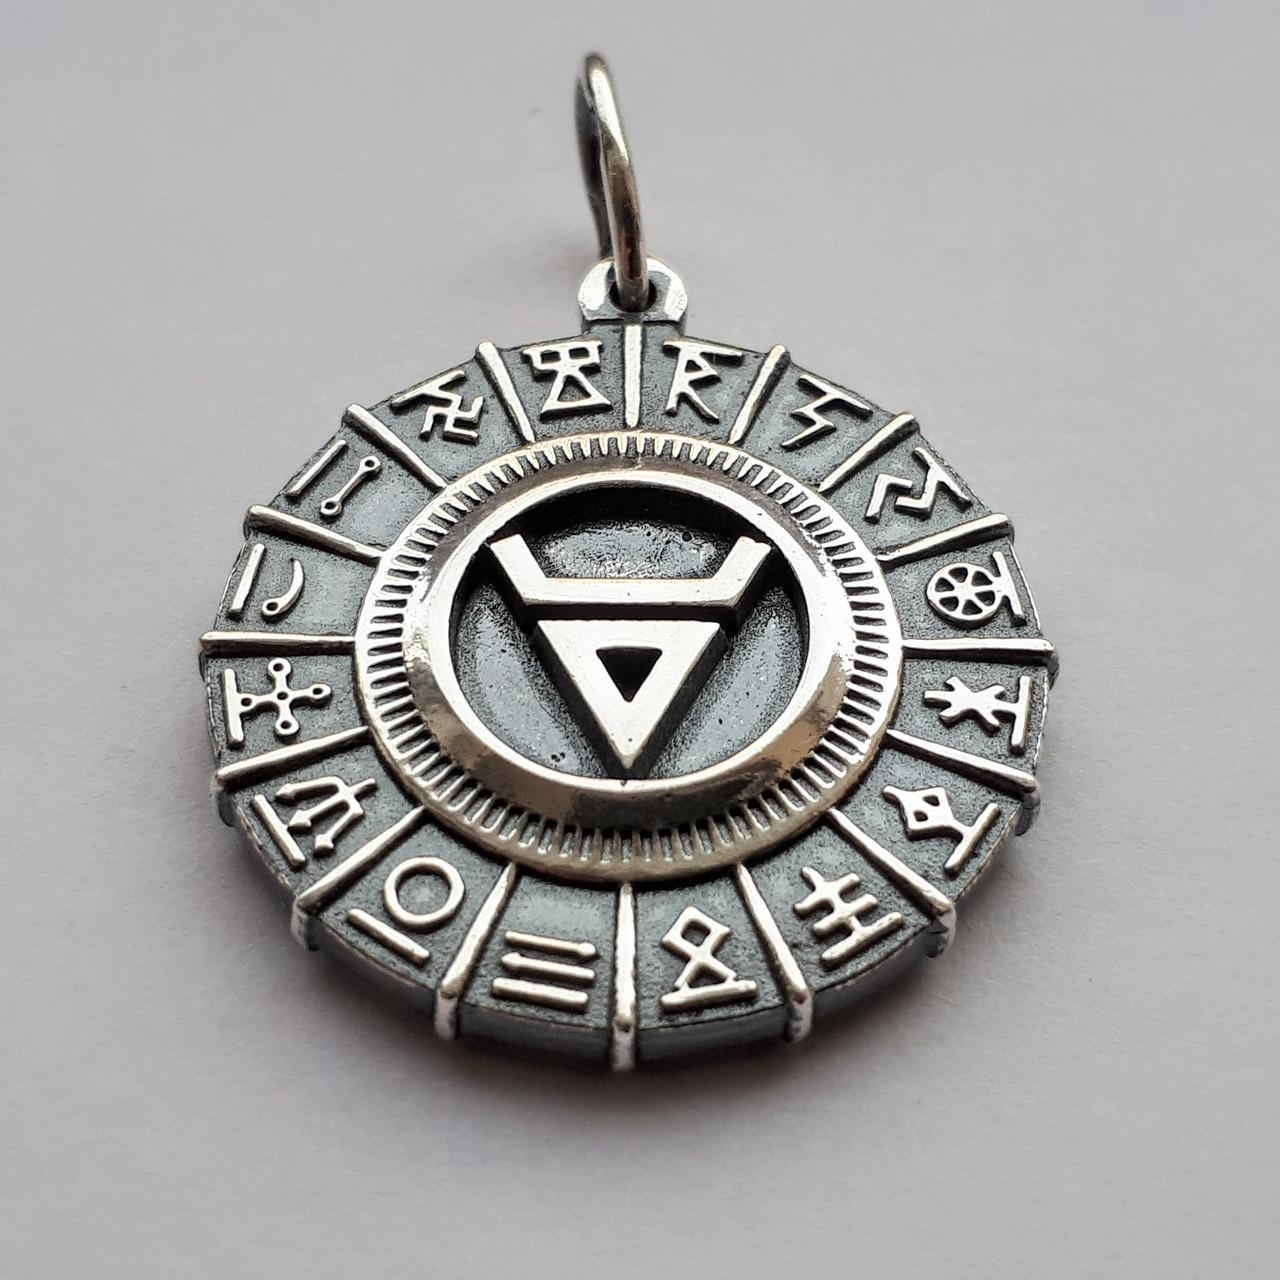 """Срібний підвіс оберіг """"Велес"""" в Сварожьем колі з срібла 925 проби"""